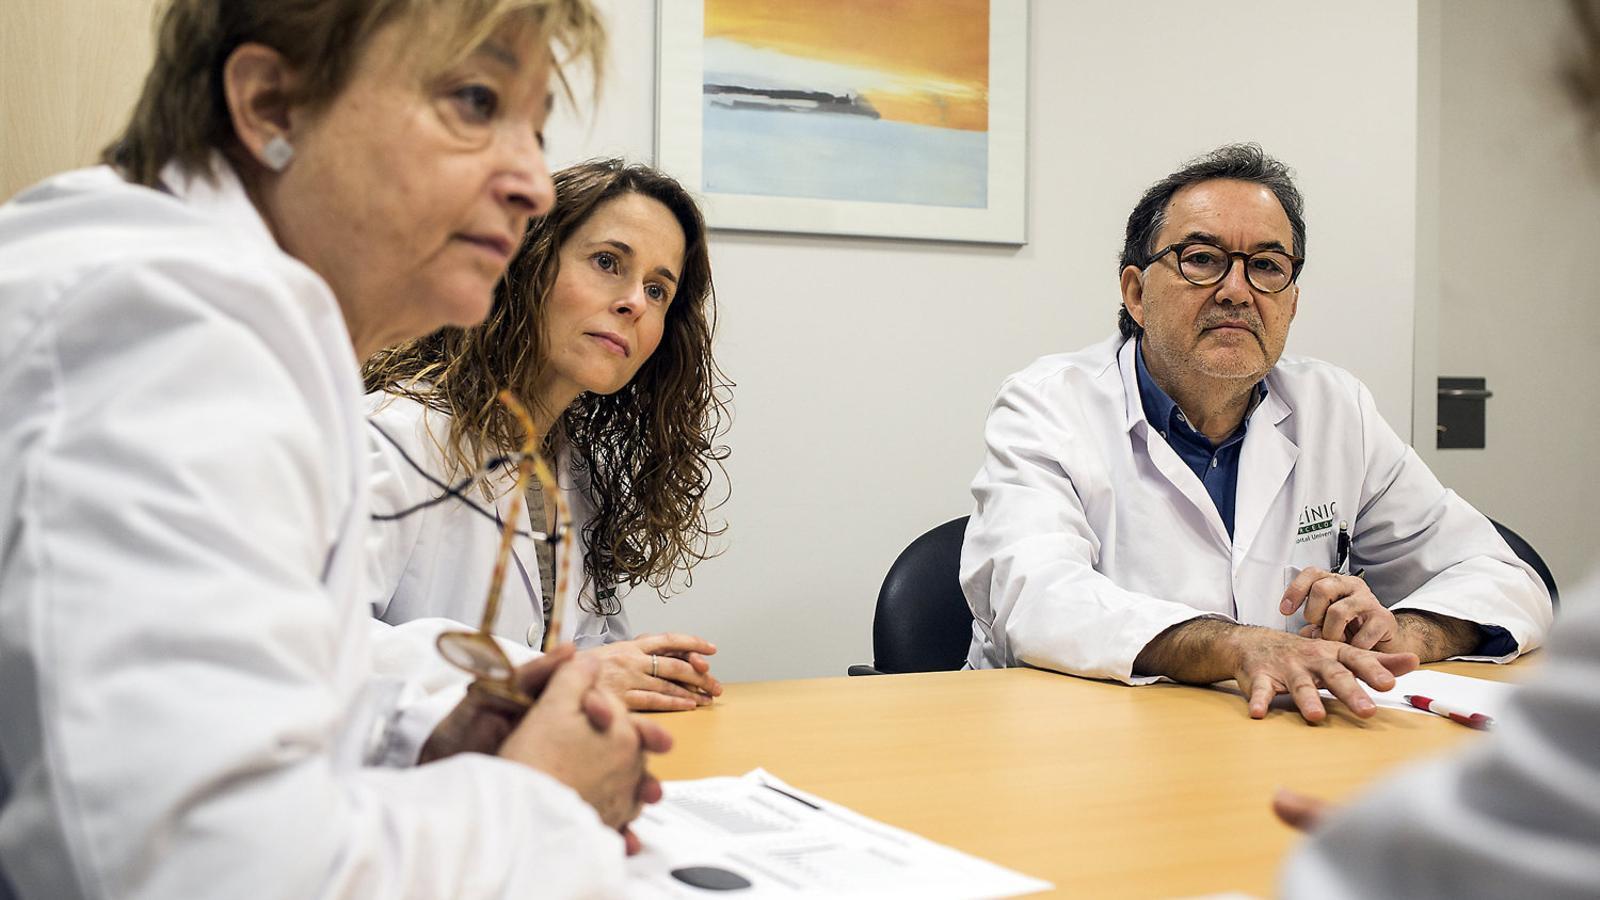 Els professionals de la Comissió de Violència Intrafamiliar i de Gènere de l'Hospital Clínic durant una reunió.